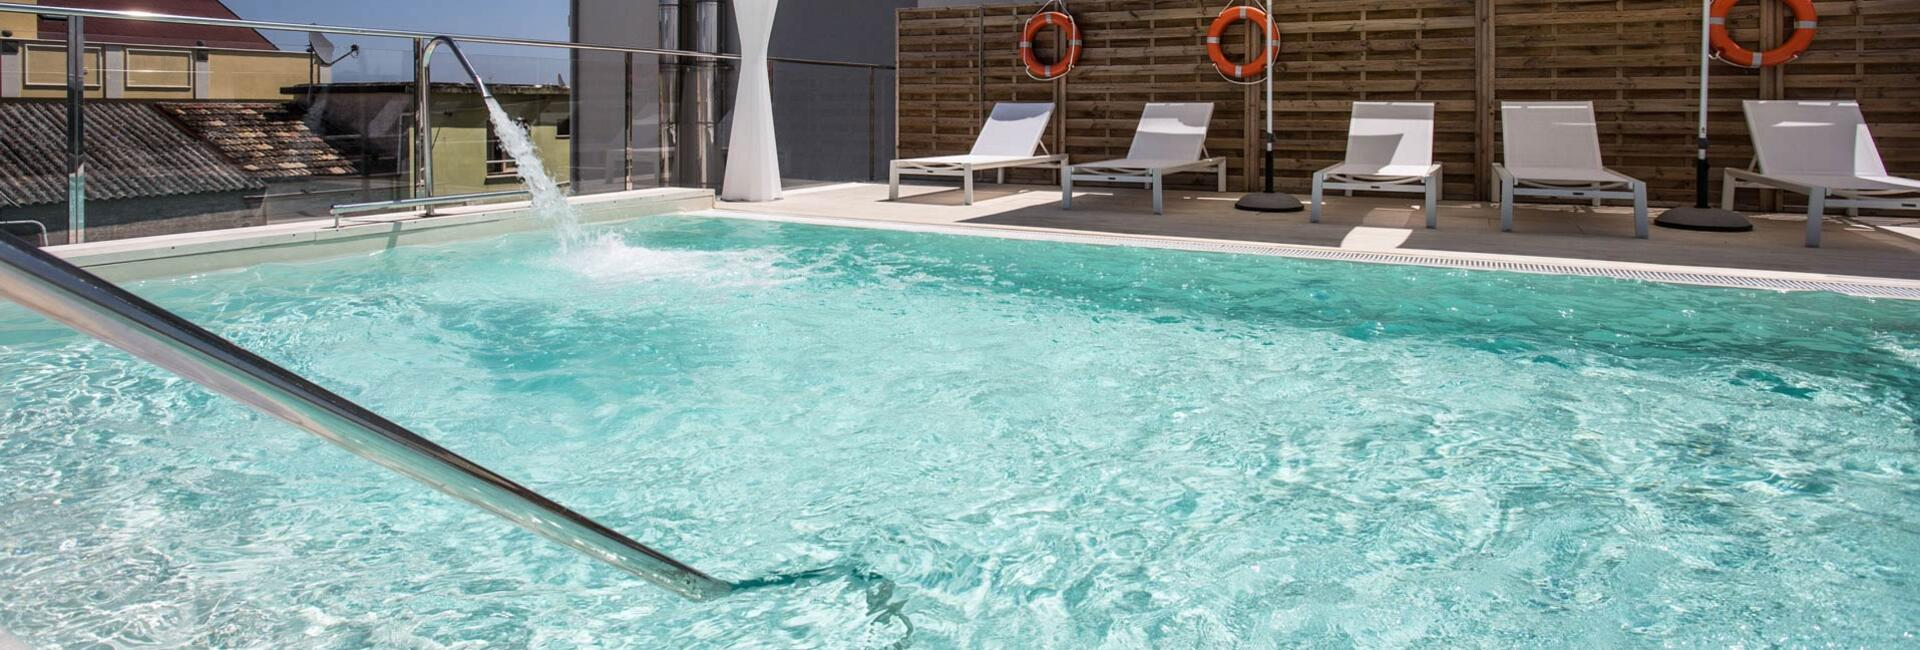 hotelgalamisano it 1-it-311002-prima-settimana-di-giugno-al-mare-misano-adriatico 001